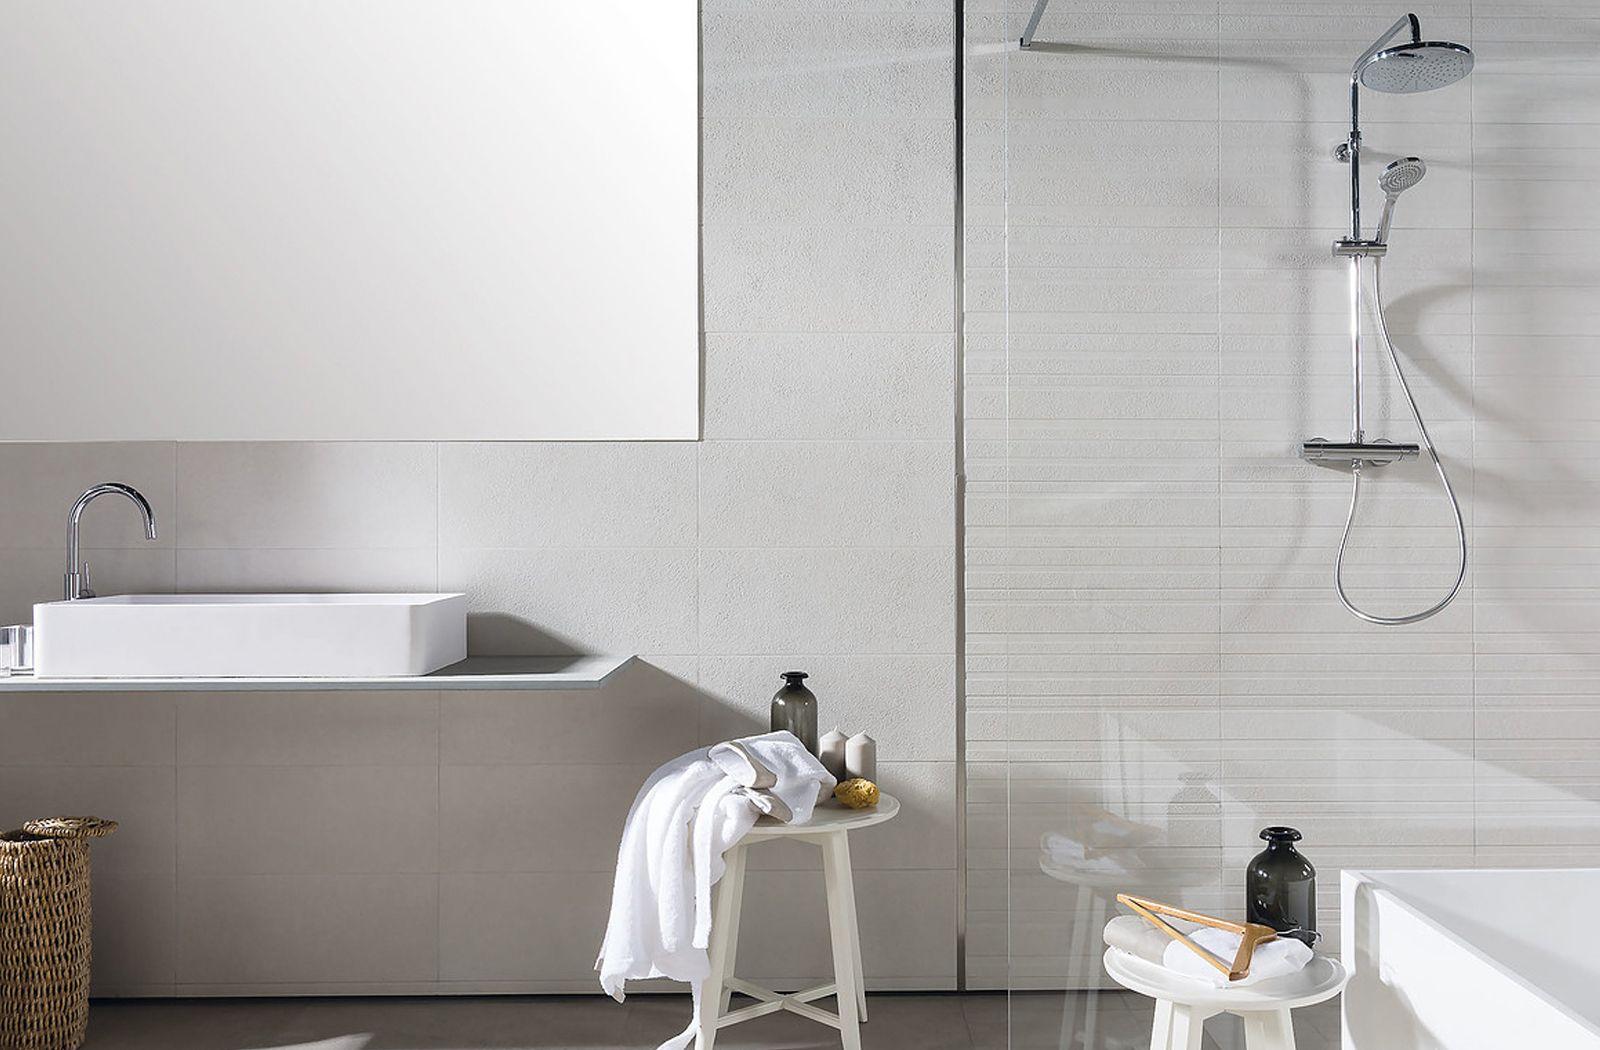 dreamy white bathroom decor with origin tiles from azuvi